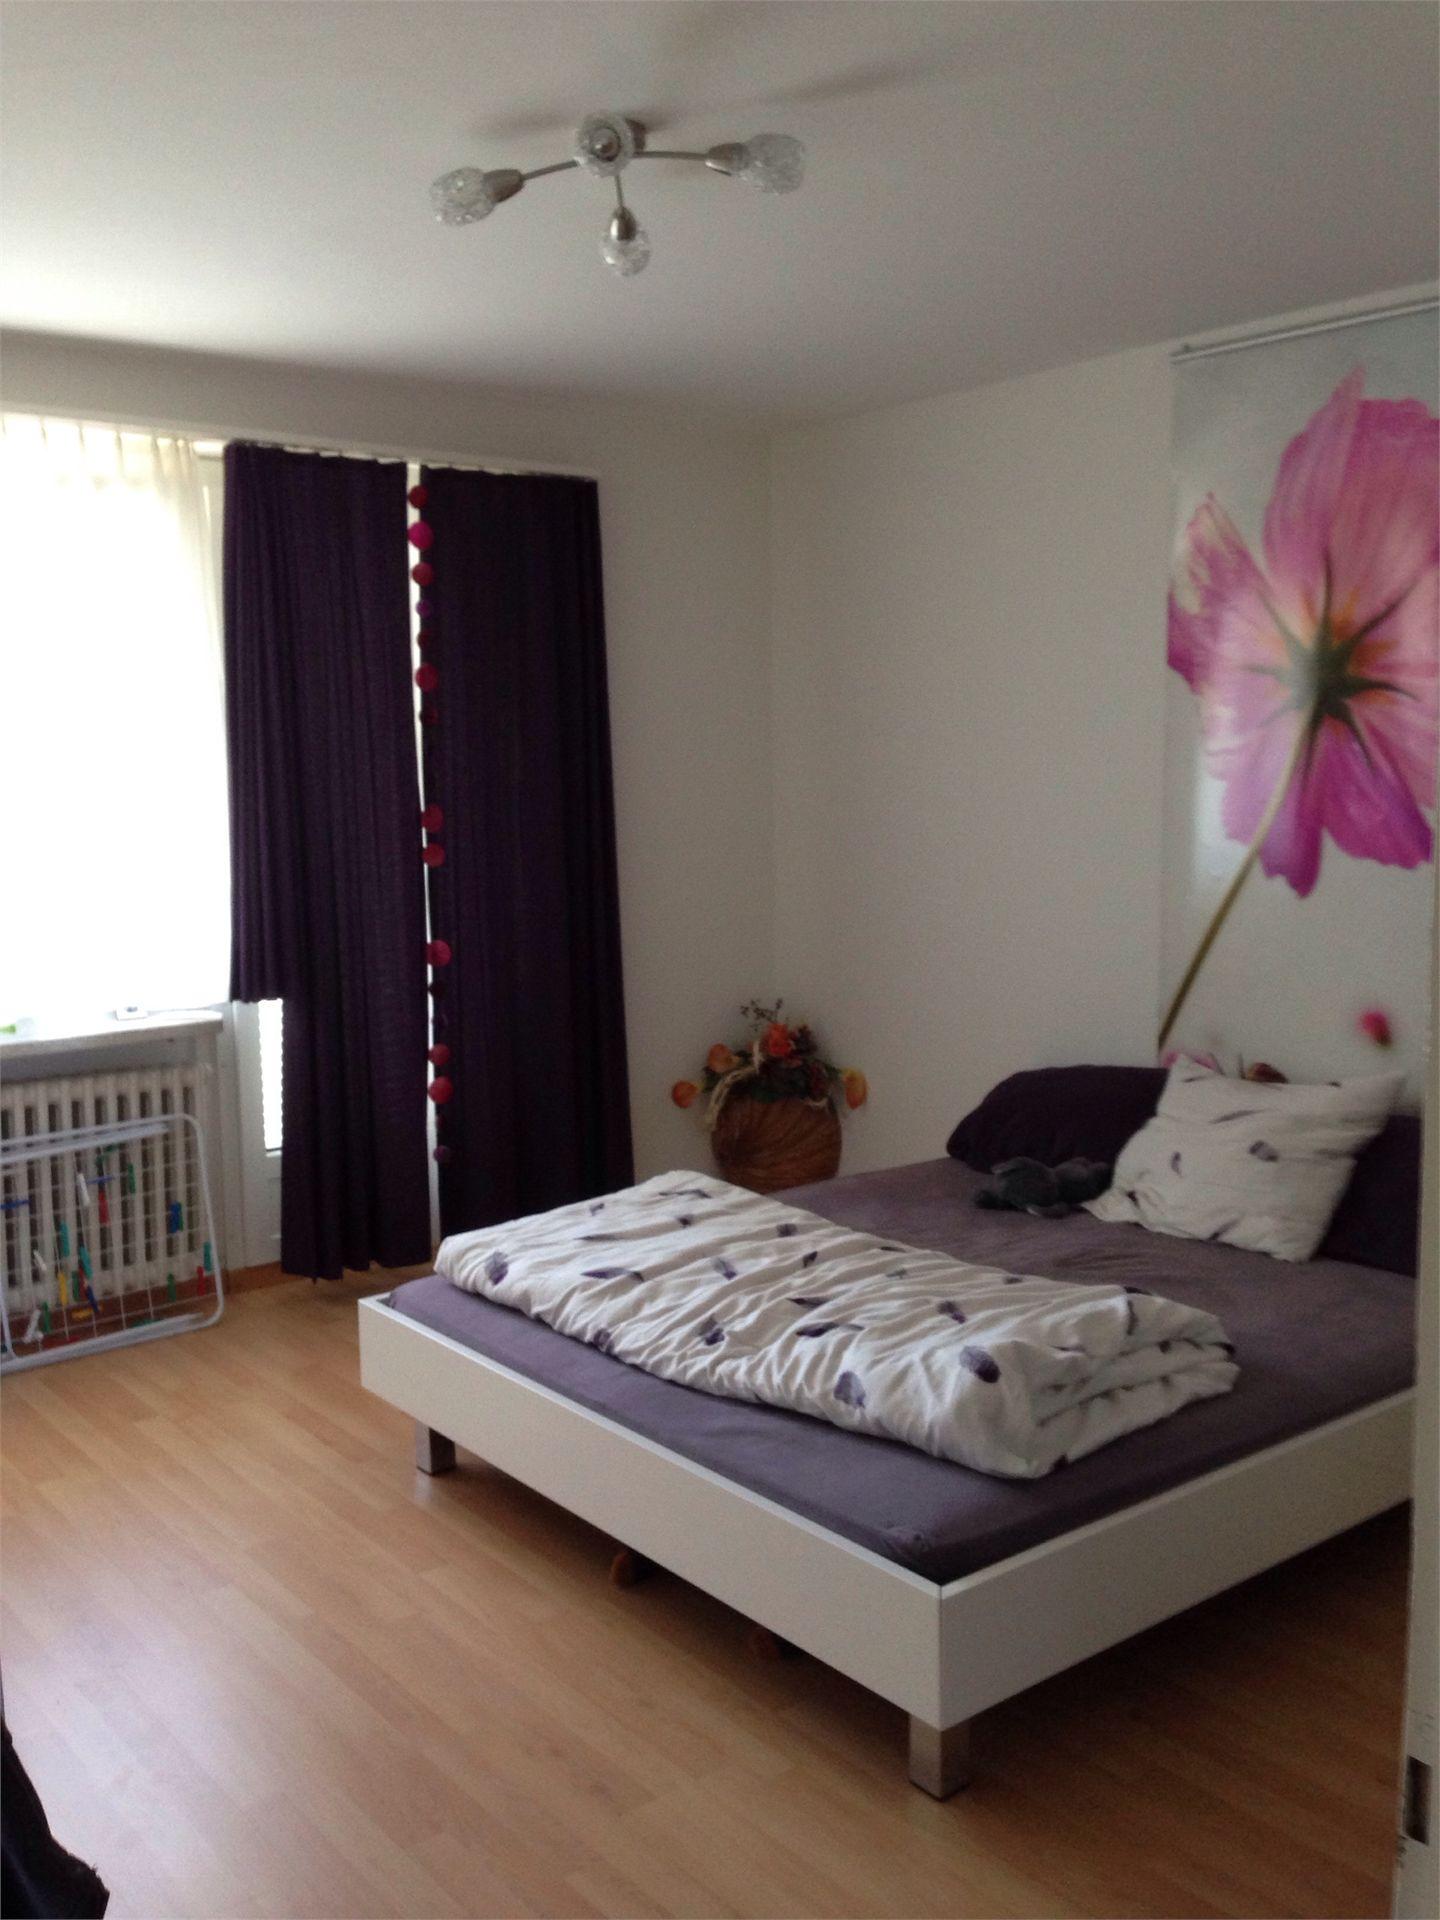 Miete: Gemütliche Wohnung an sonniger und ruhiger Lage